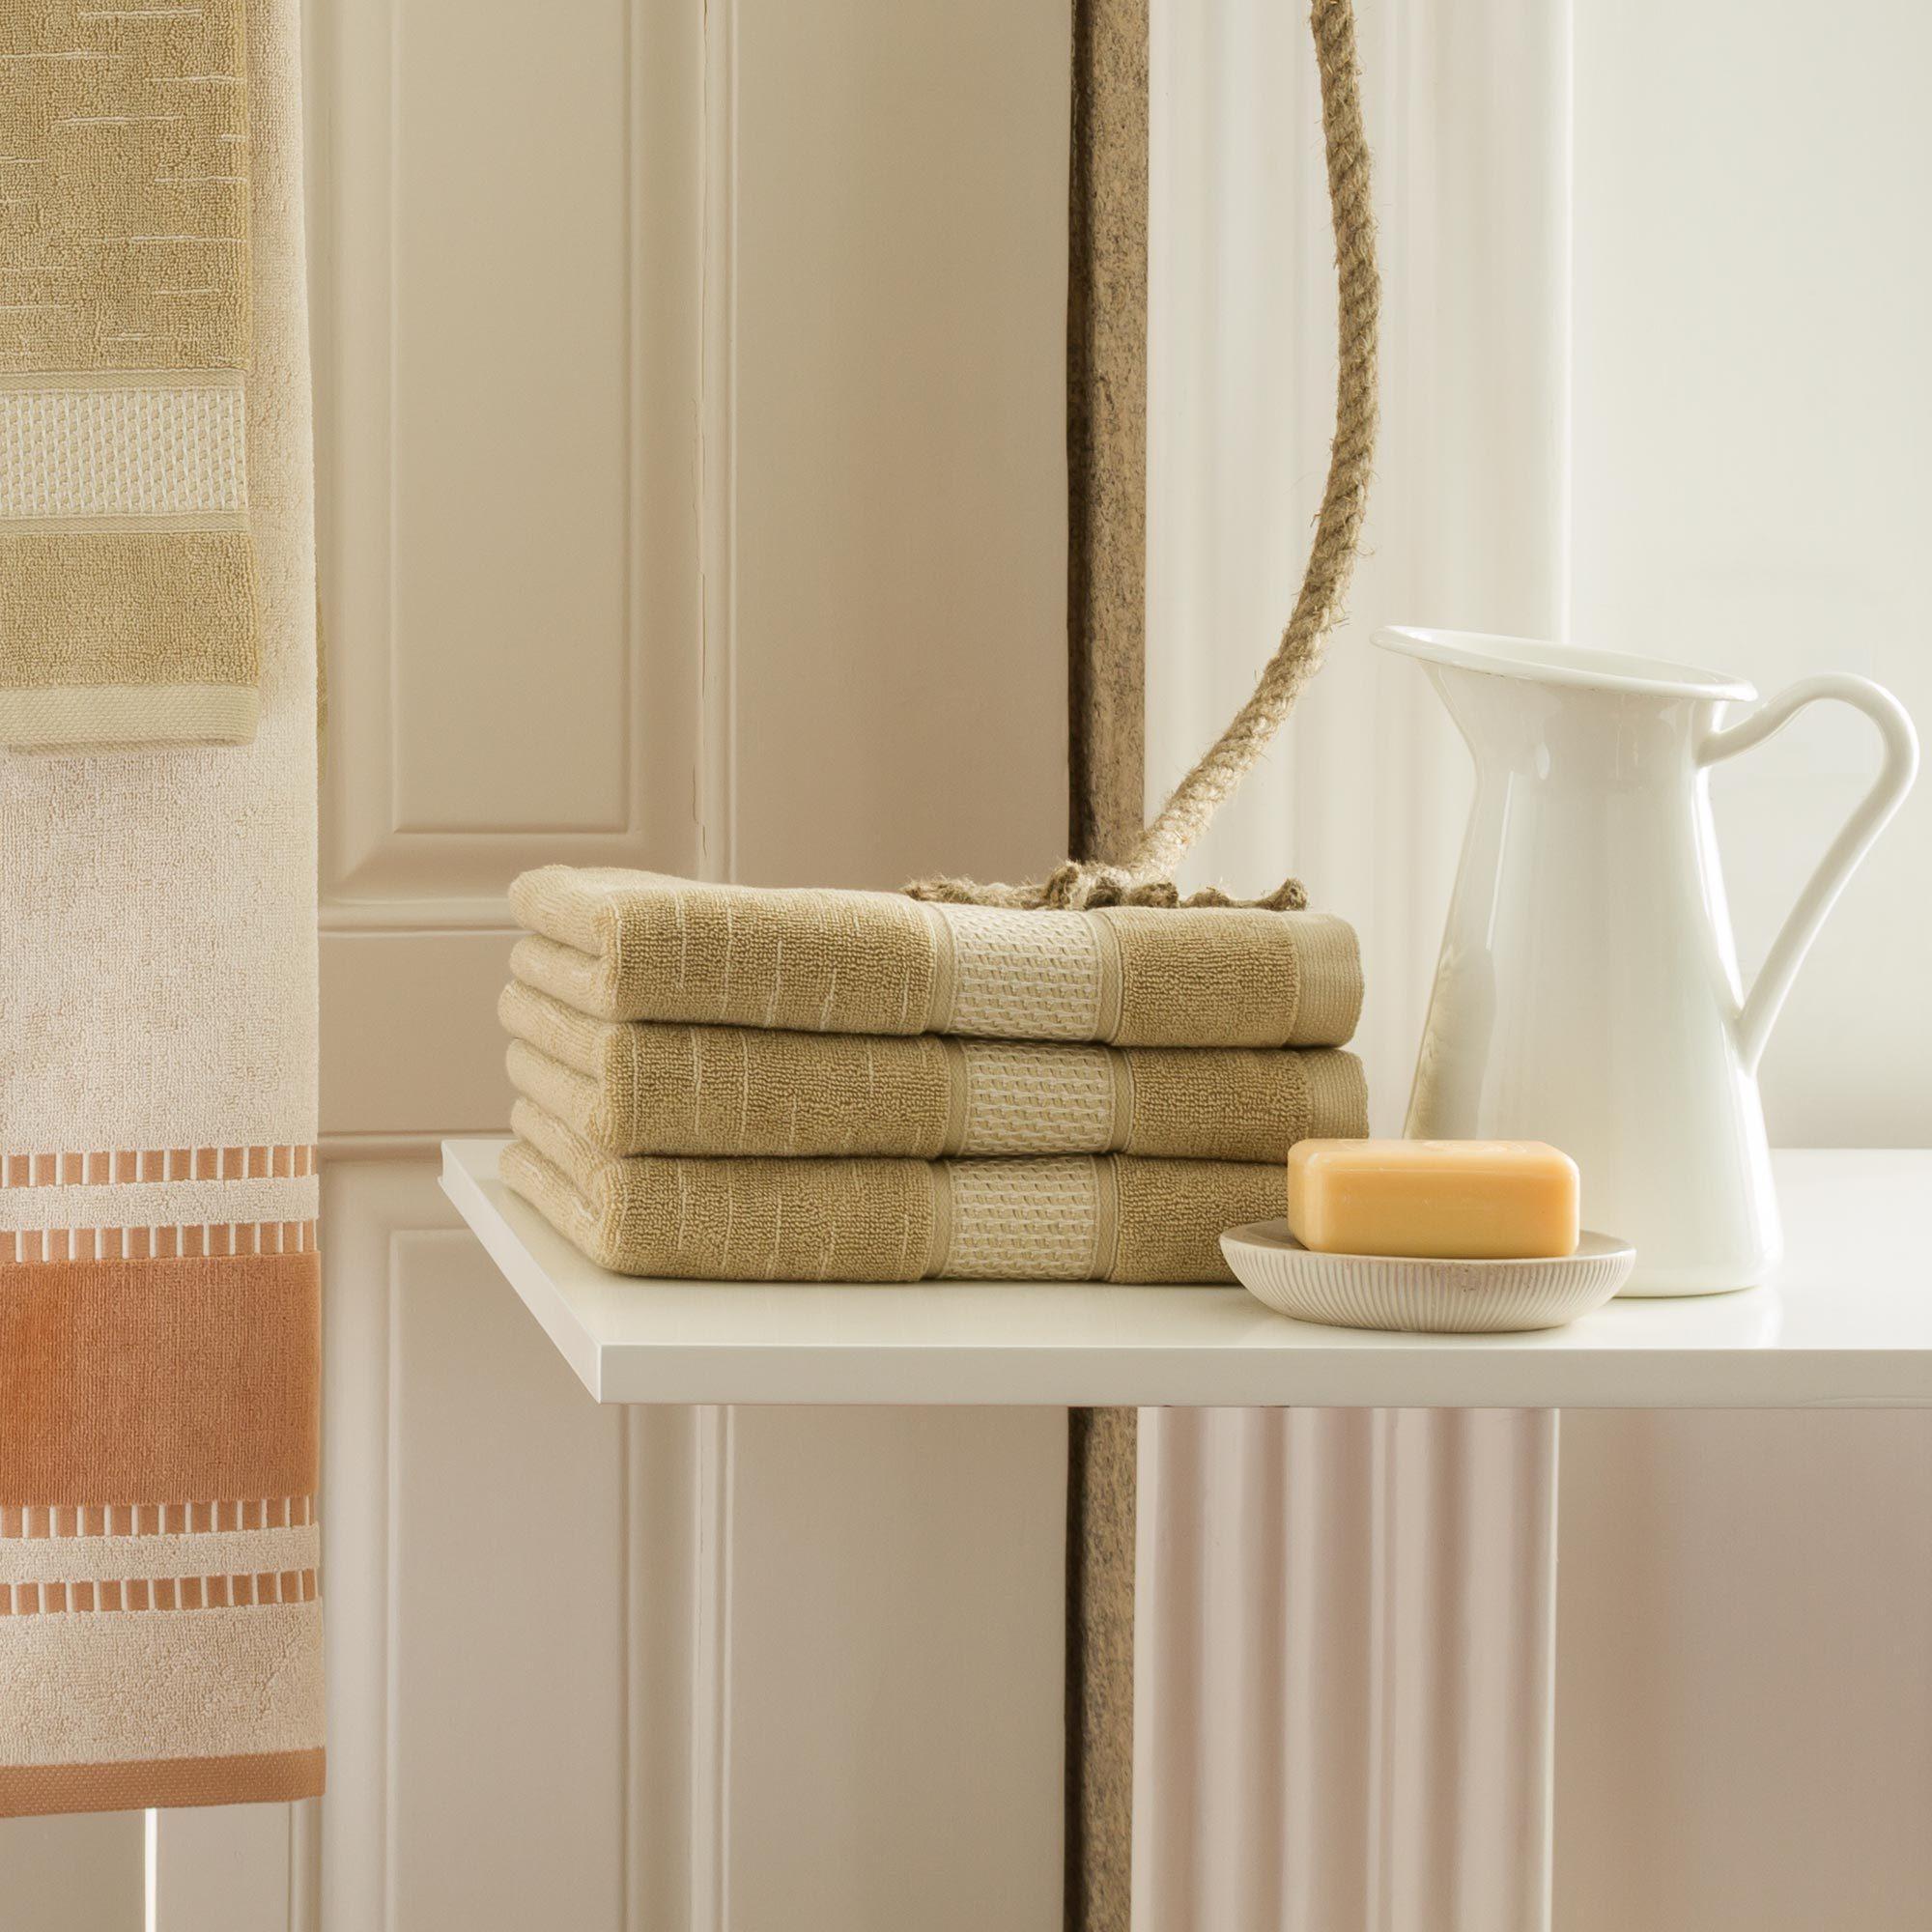 drap de bain 100x150cm coton bio ficus vert linnea linge de maison et. Black Bedroom Furniture Sets. Home Design Ideas